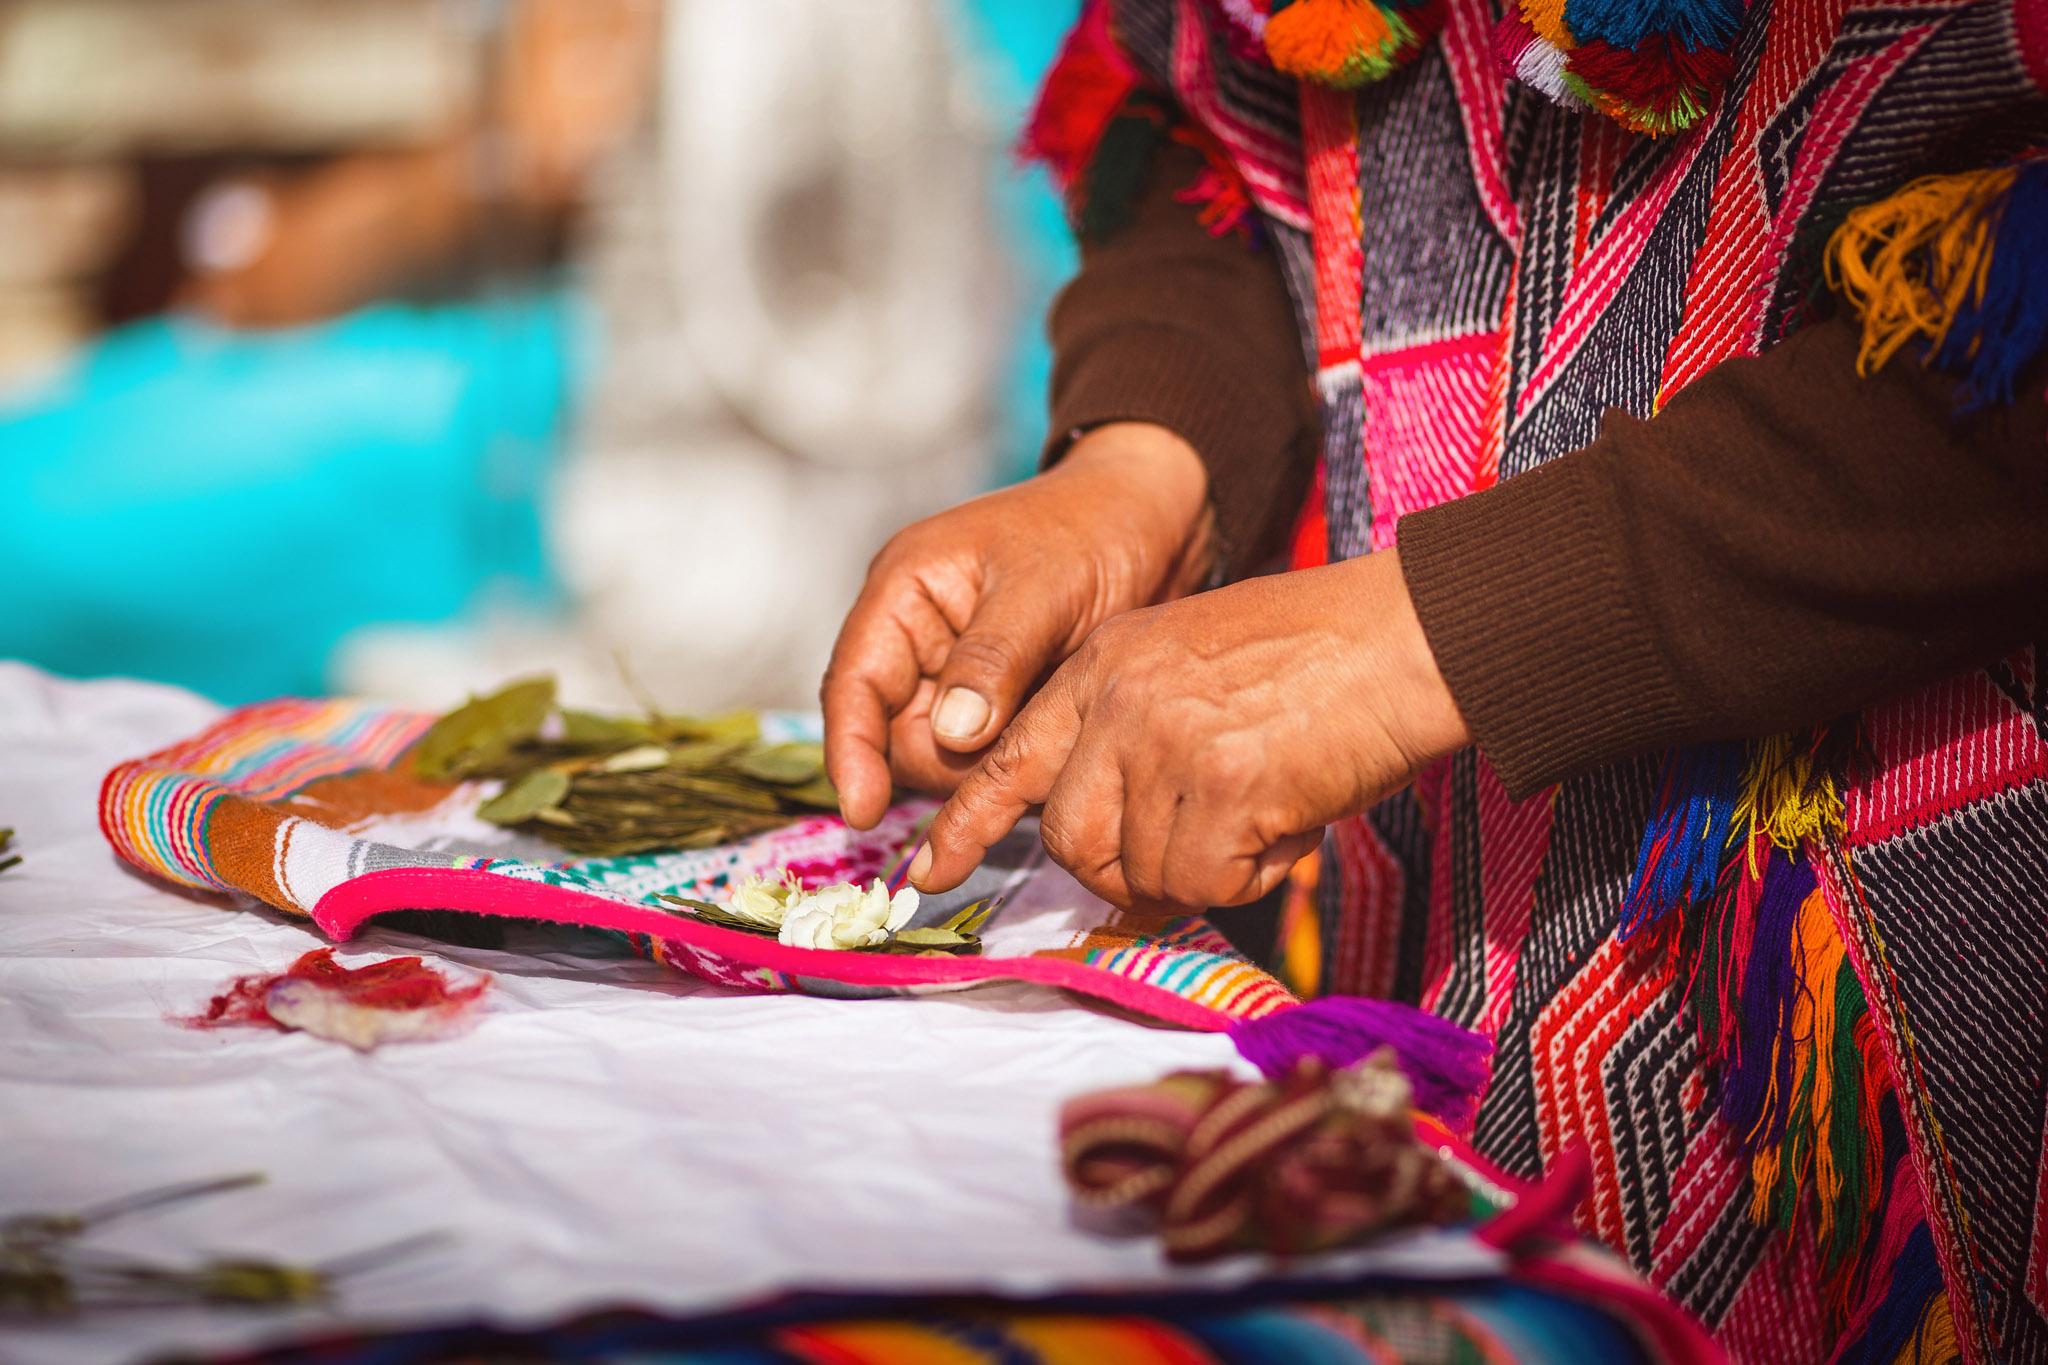 Wedding-Travellers-Destination-Wedding-Peru-Cusco-Hacienda-Sarapampa-Sacred-Valley-traditional-andean-ceremony-preparing-despacho